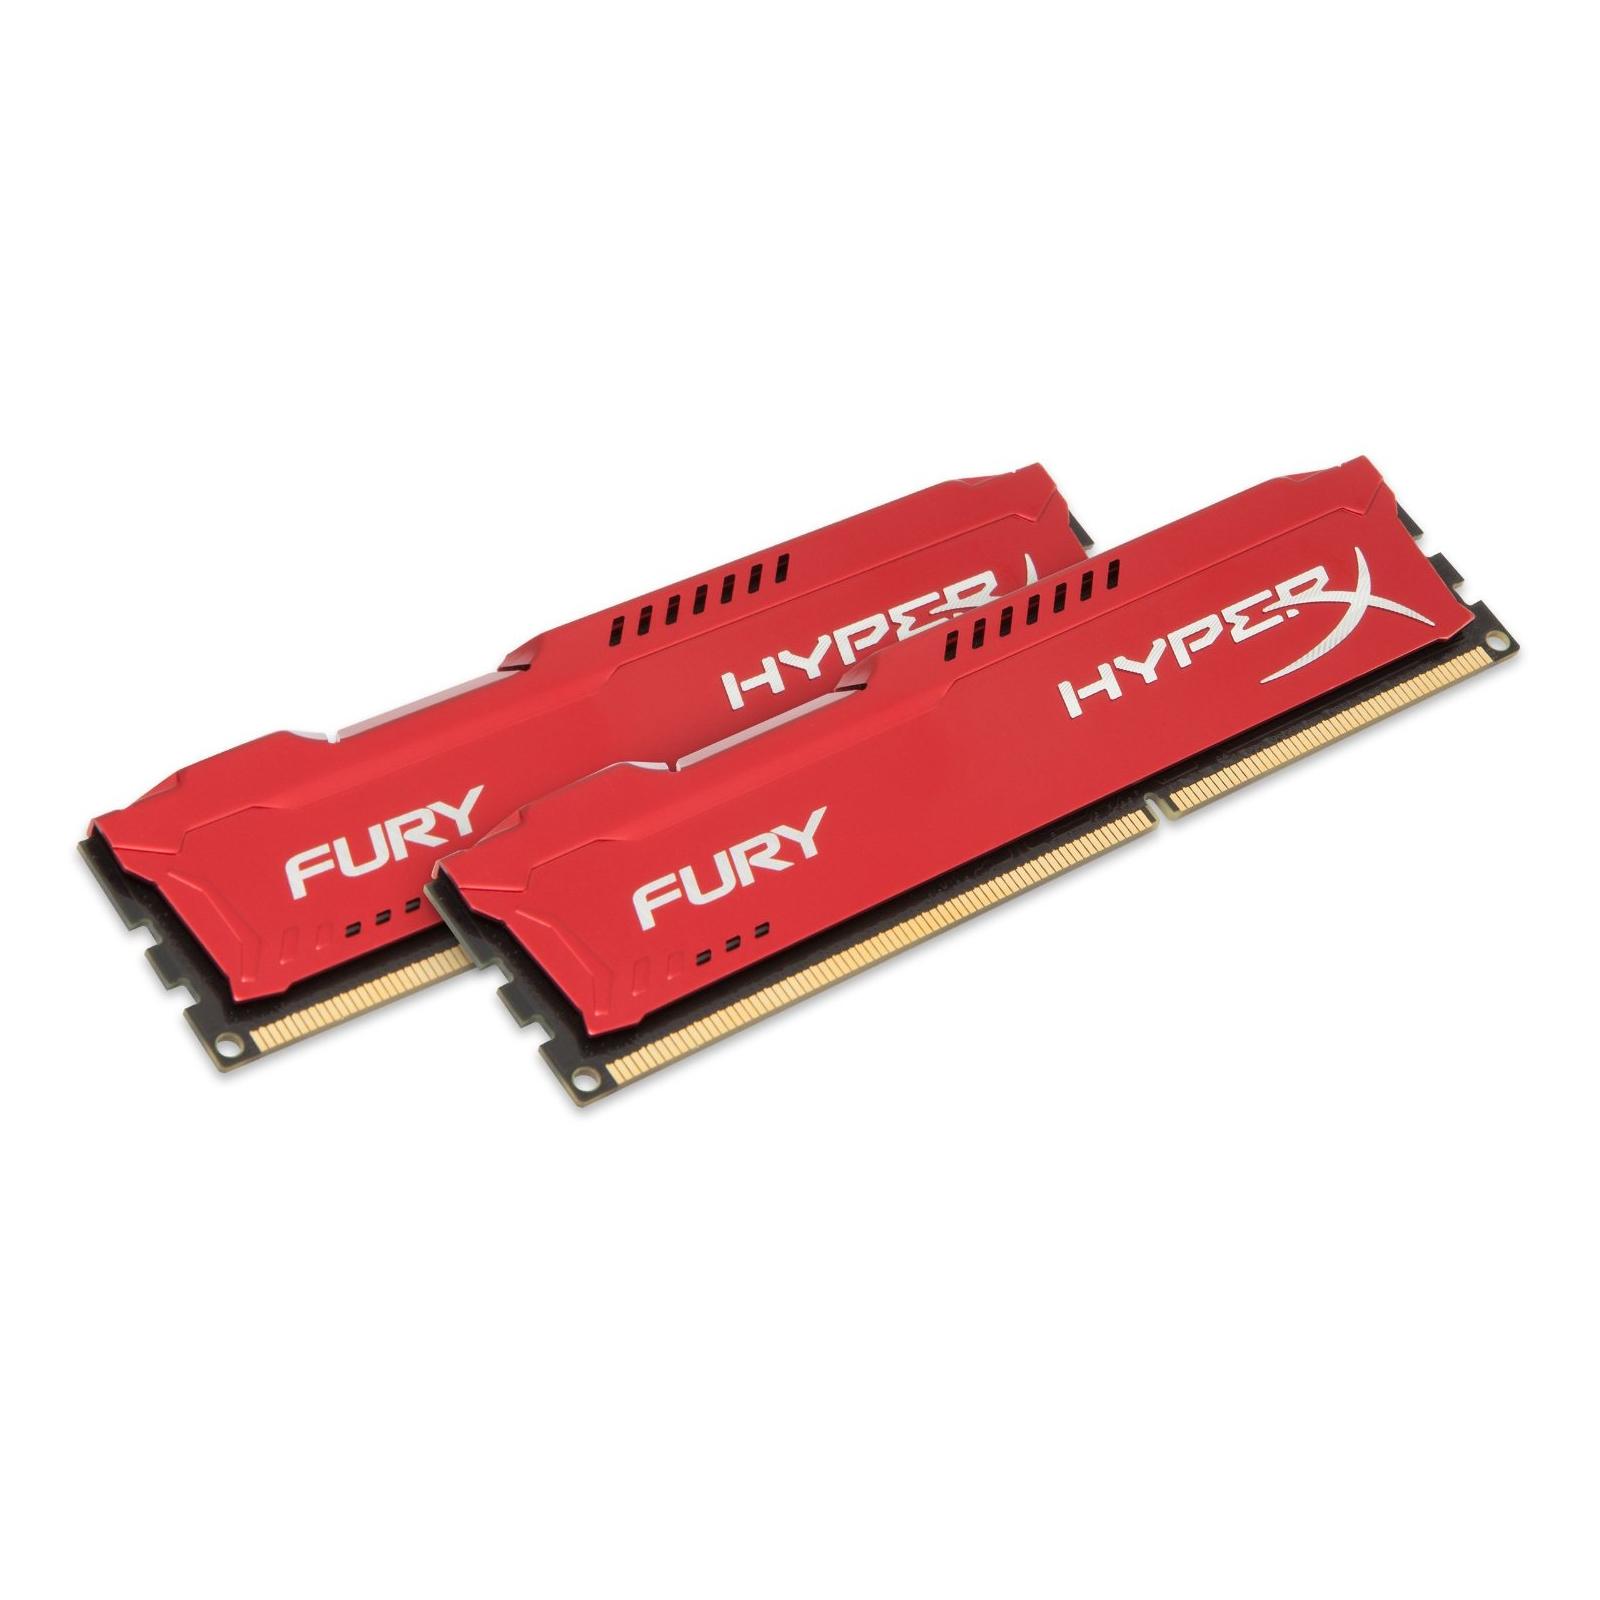 Модуль памяти для компьютера DDR3 16Gb (2x8GB) 1600 MHz HyperX Fury Red Kingston (HX316C10FRK2/16) изображение 2